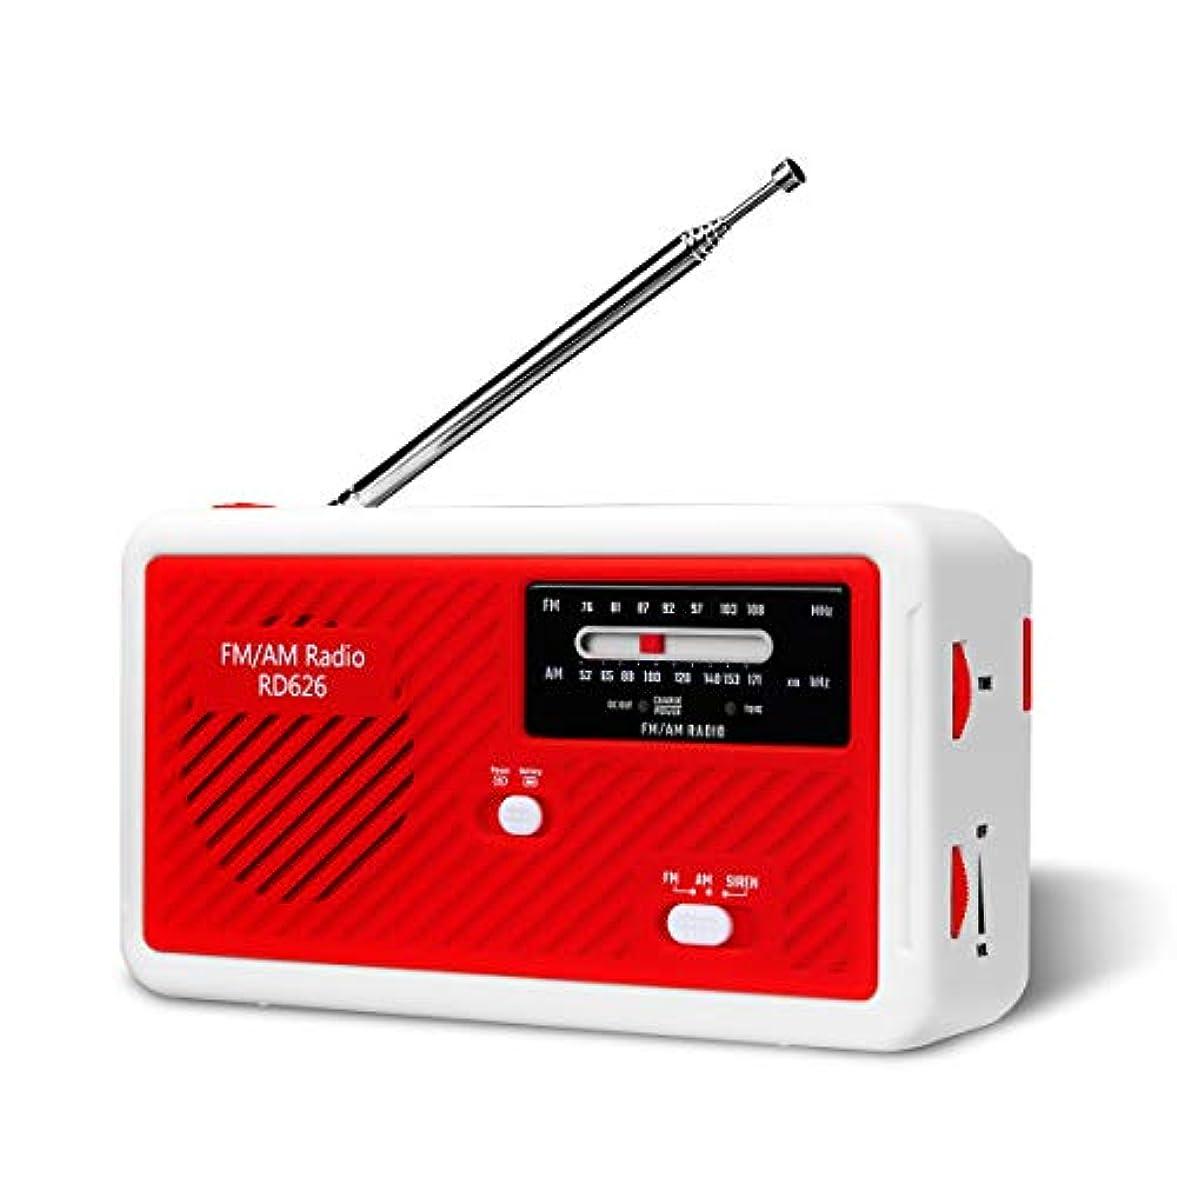 三角形教義成長するポータブルラジオ 第二世代 Glisteny 防災 LED懐中電灯付き ポータブルラジオ 1000MaH大容量バッテリー防災ラジオ 警報機能 スマートフォンに充電可能 手回し充電/ソーラー充電対応/乾電池使用可能 (赤)